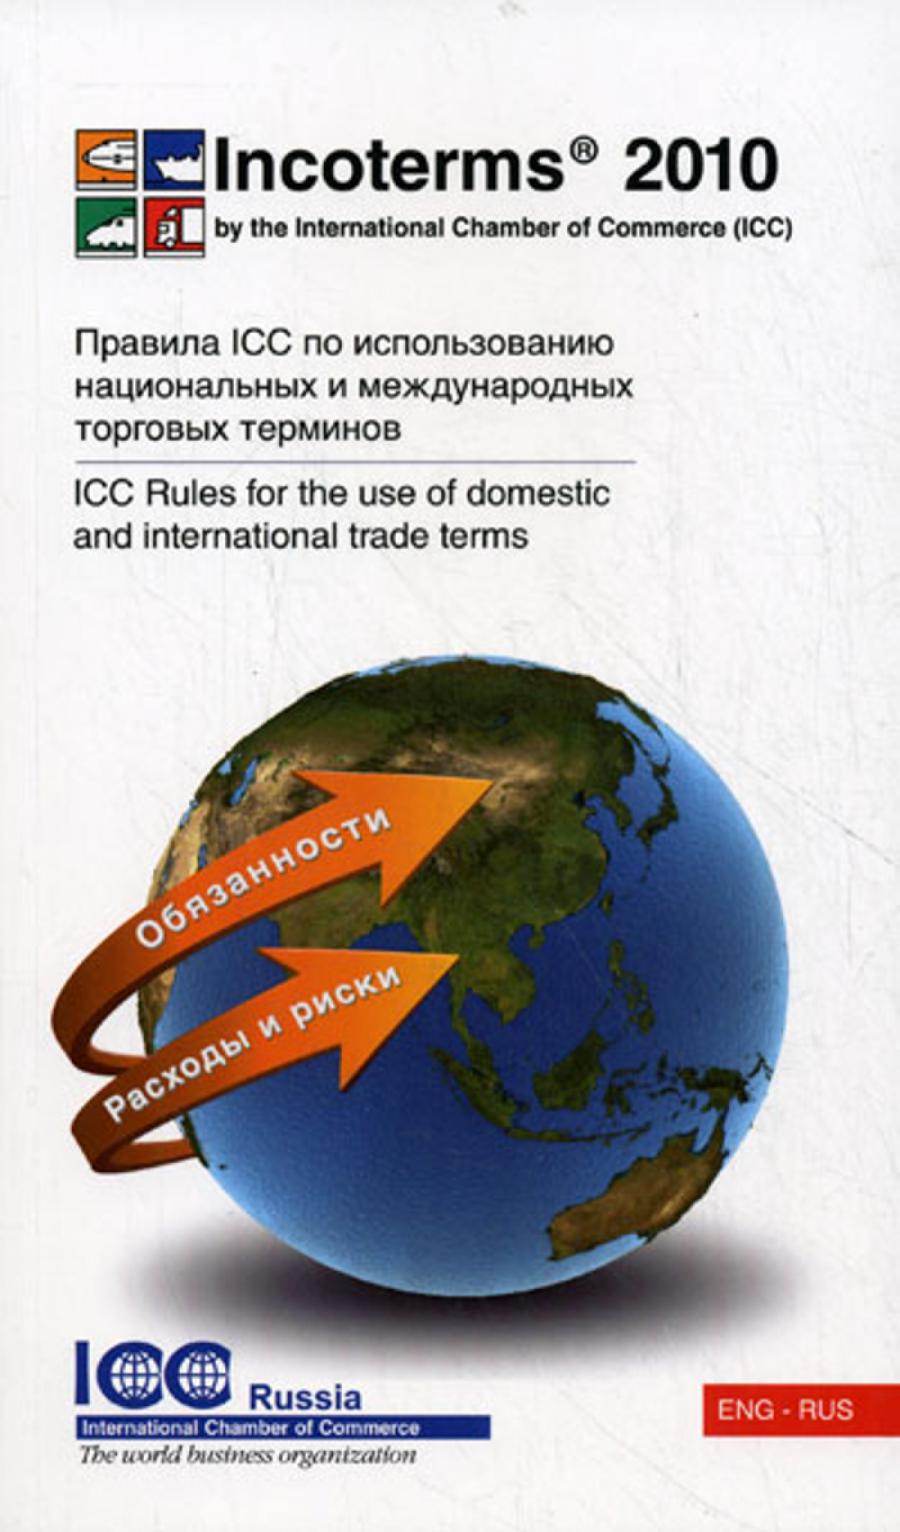 Обложка книги:  icc - правила инкотермс 2010 (incoterms®2010).